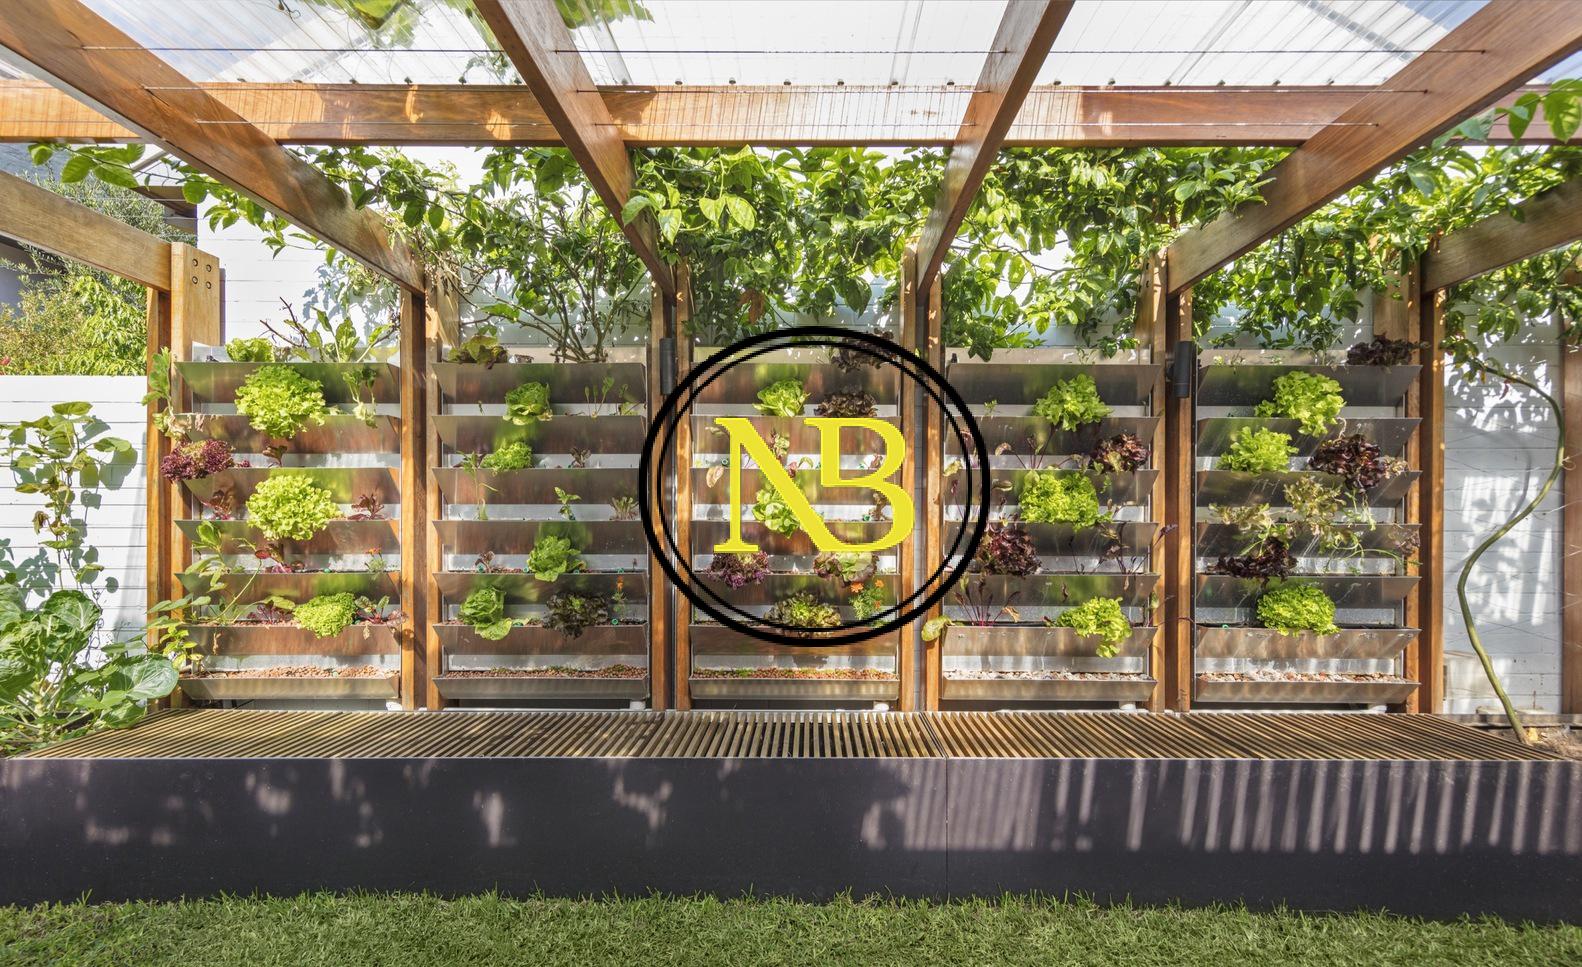 اخبار معماری، گرین وال (دیوار سبز) روف گاردن (بام سبز)